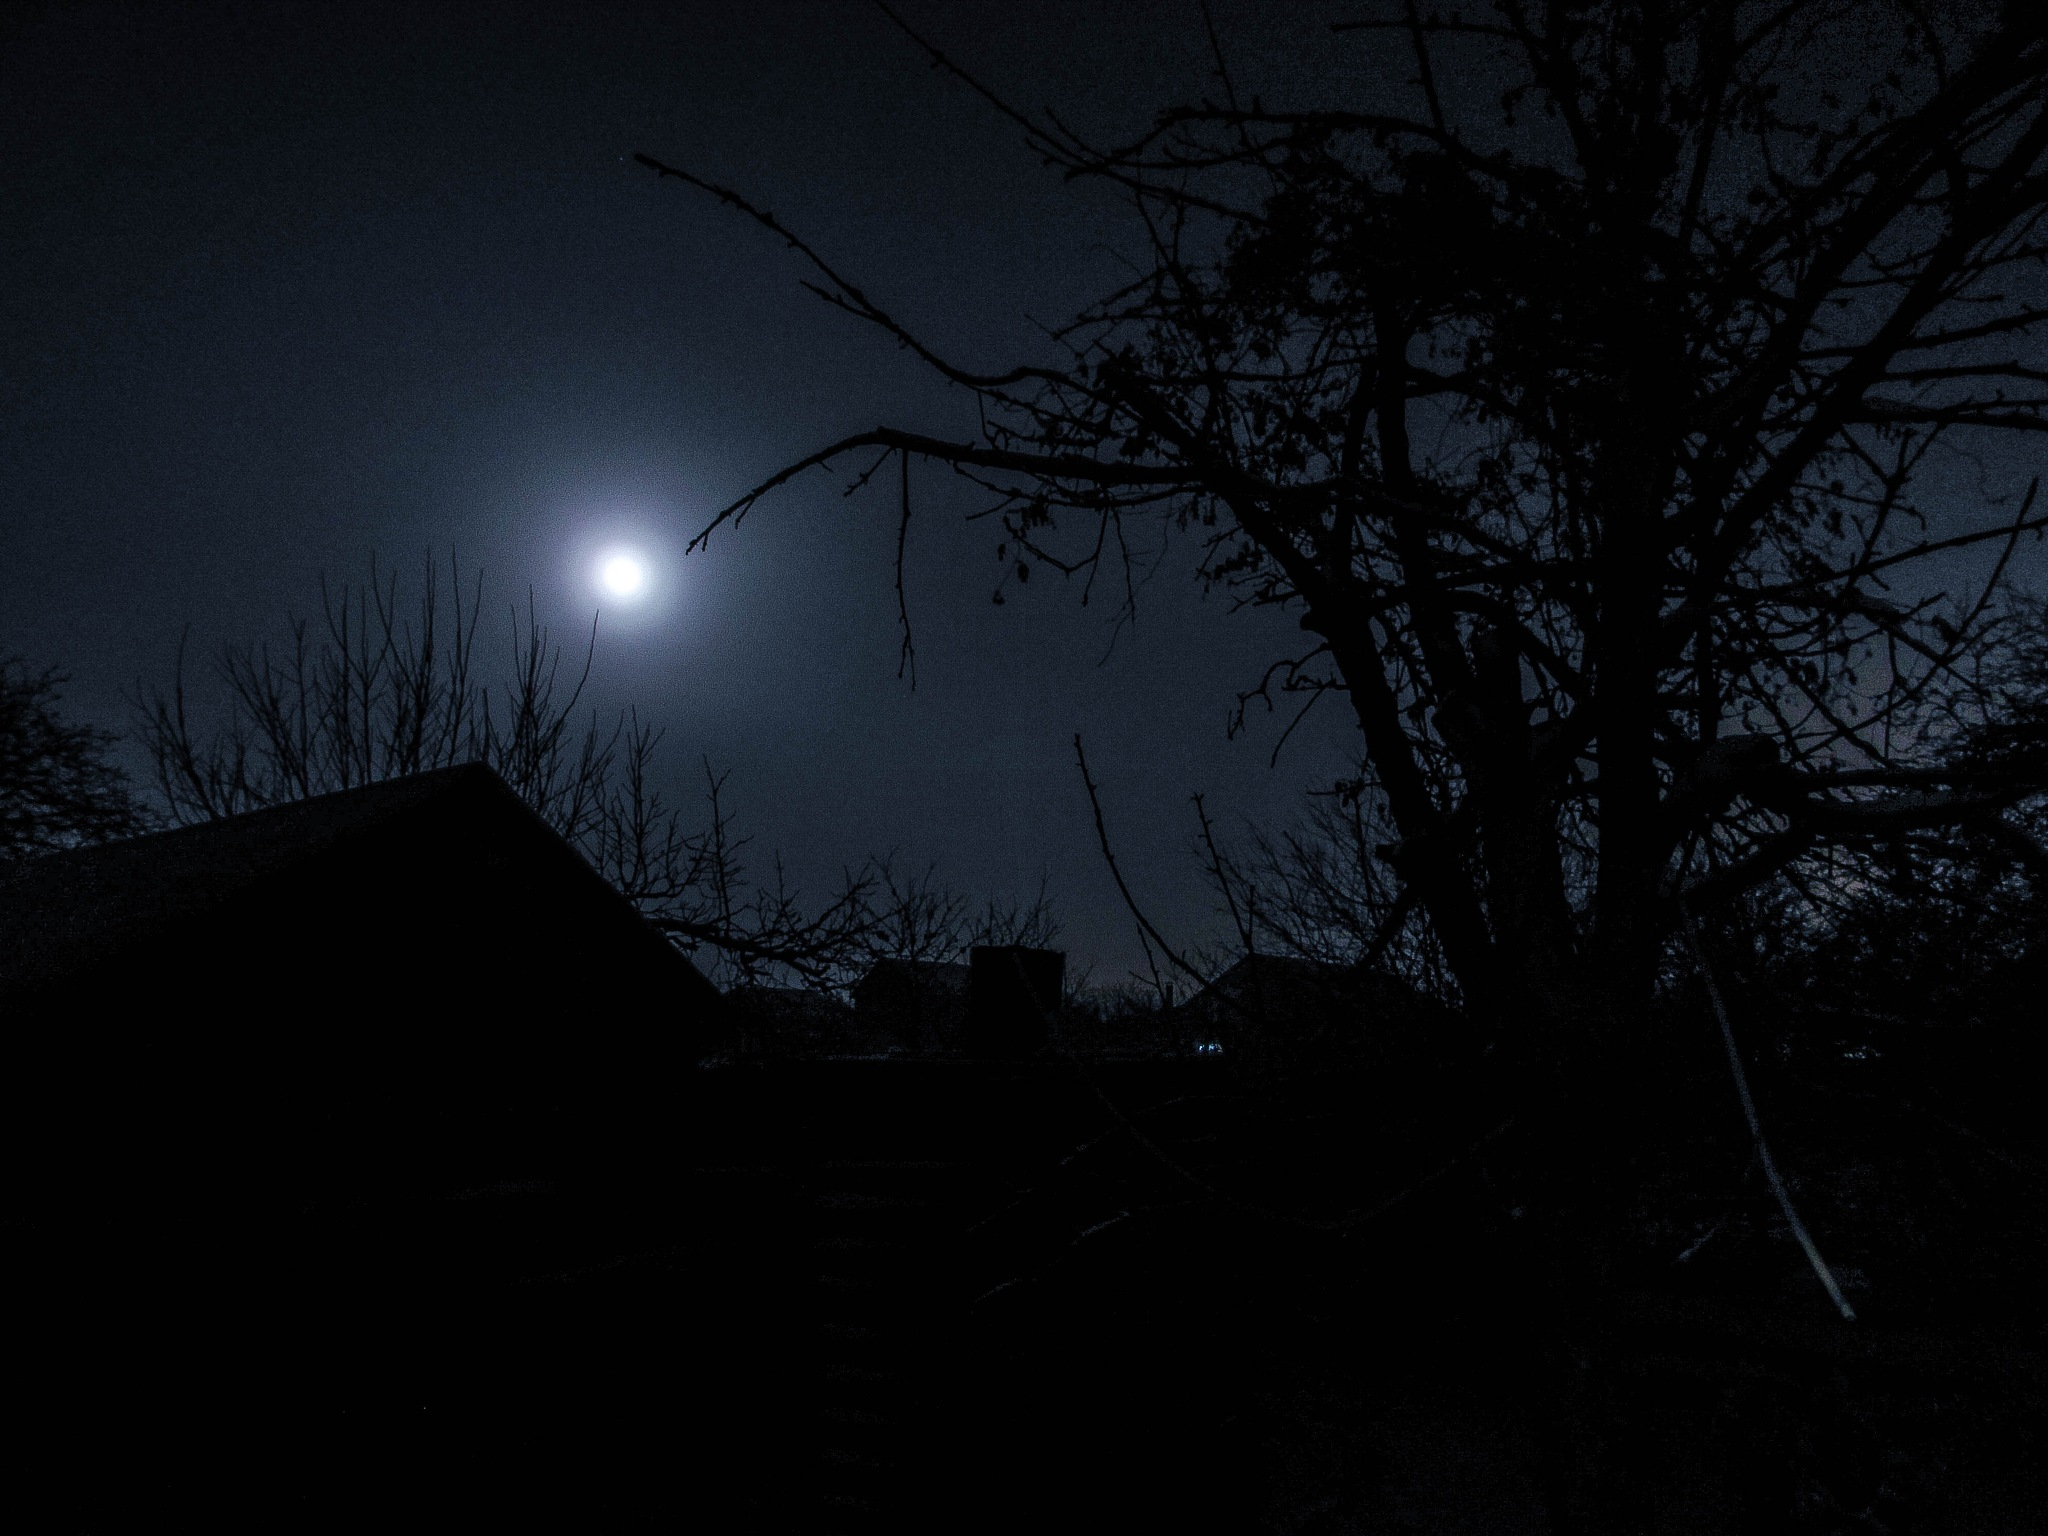 Moon by viaruss